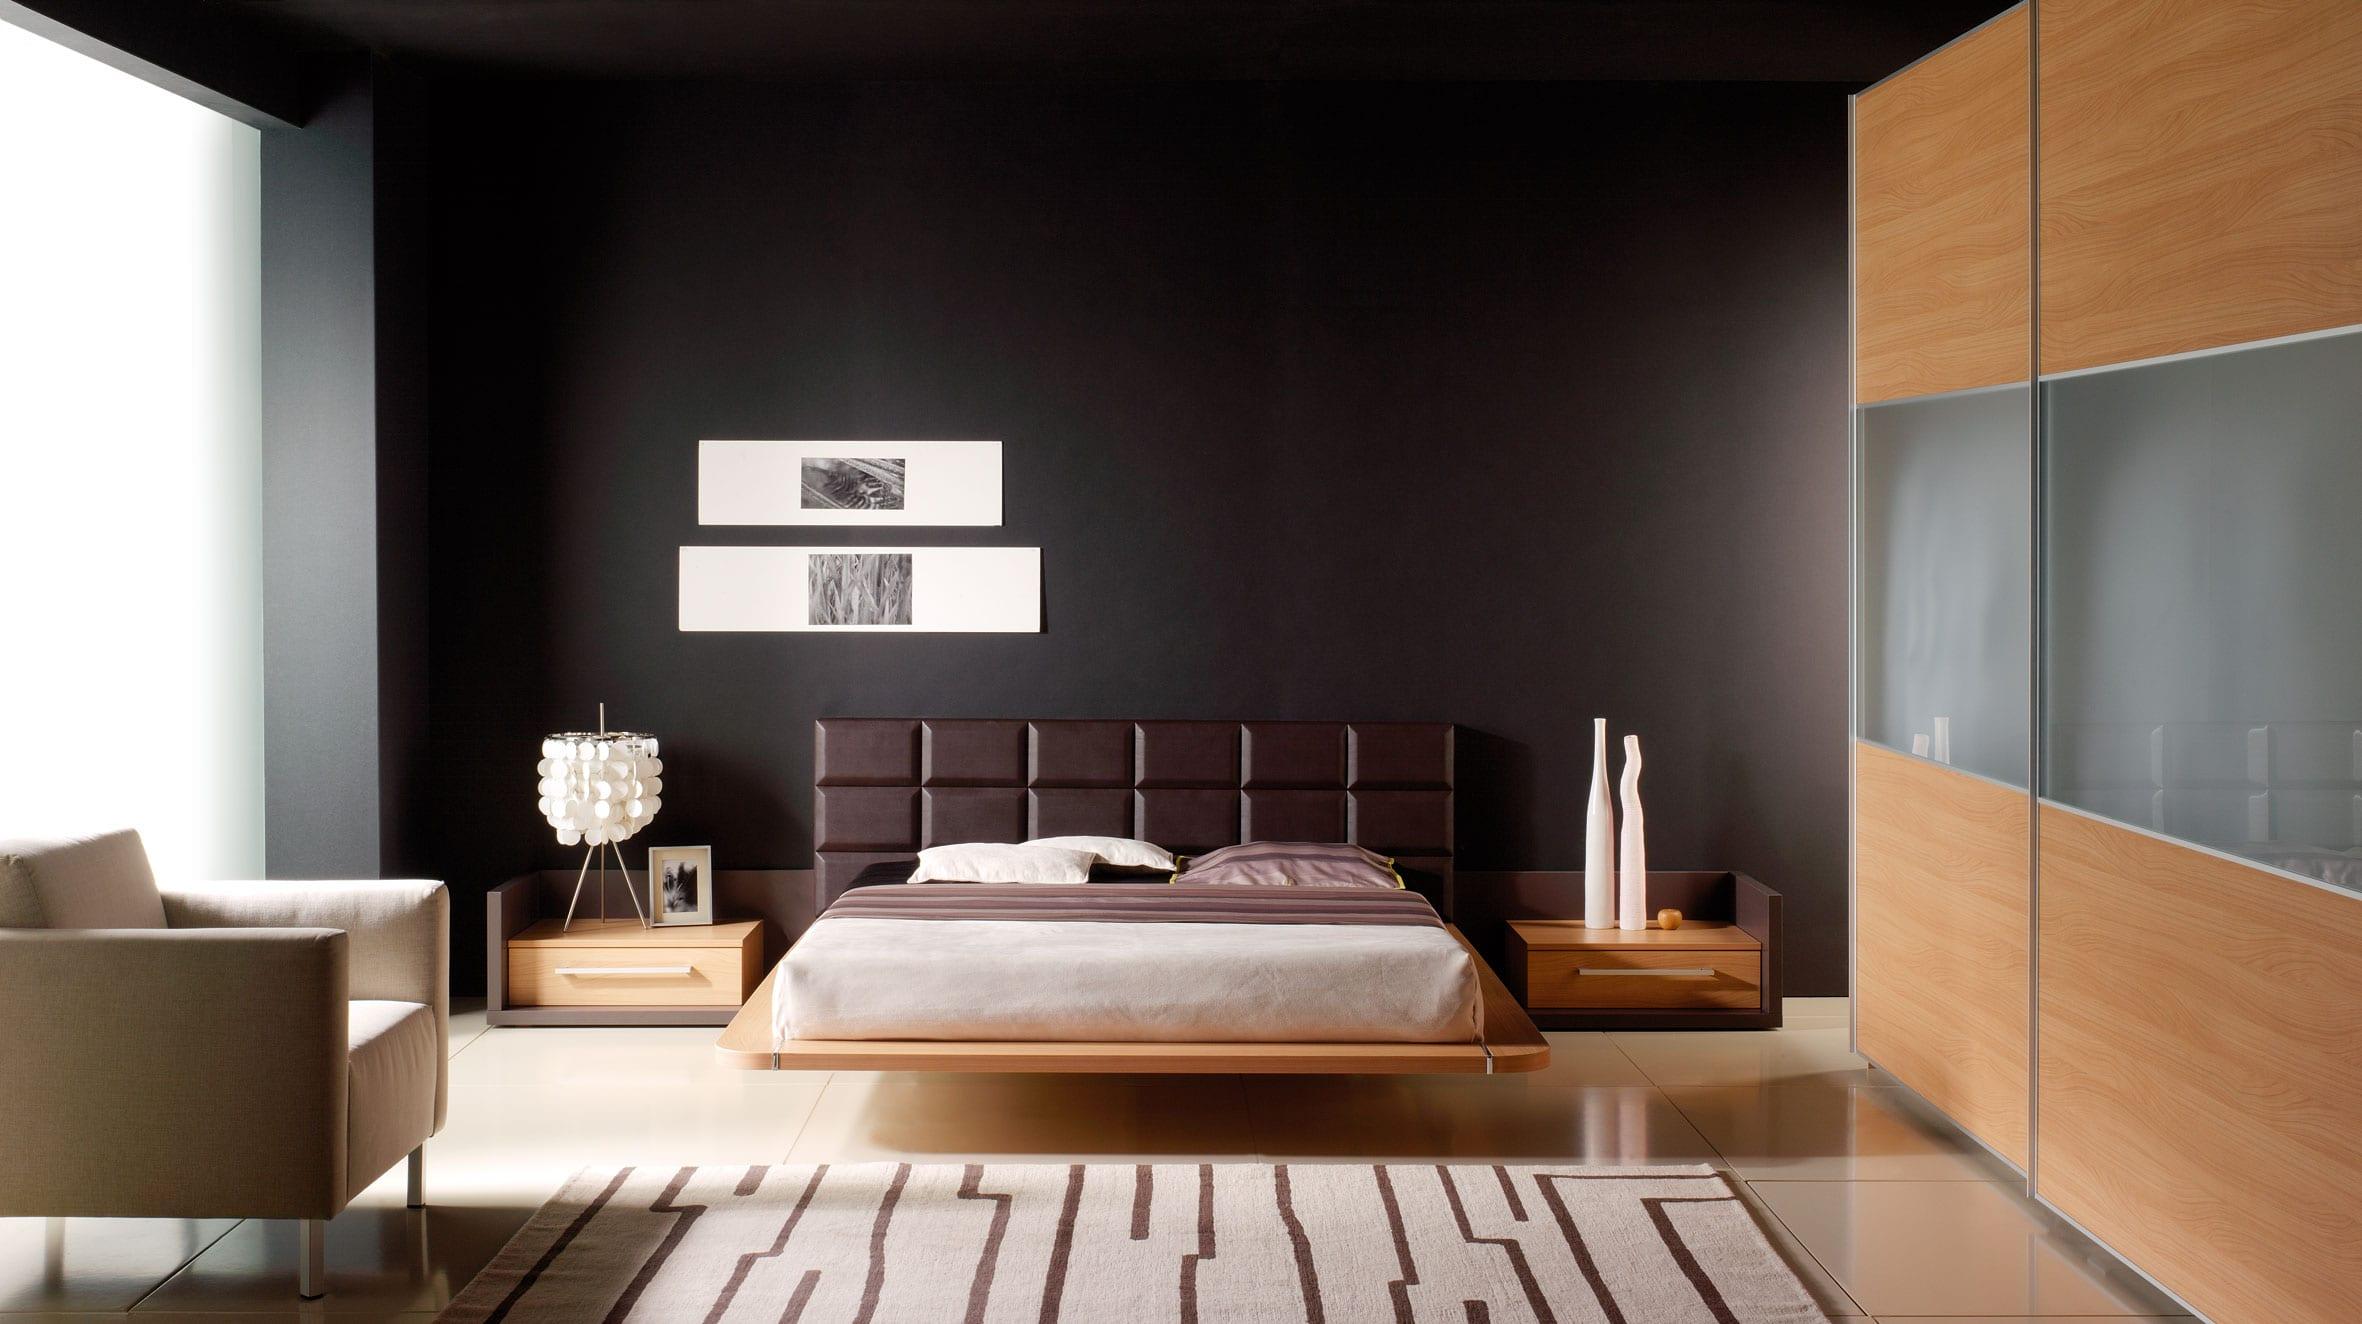 Dormitorios A Medida Alf Mobel Dise O De Muebles A Medida # Muebles Para Cuartos